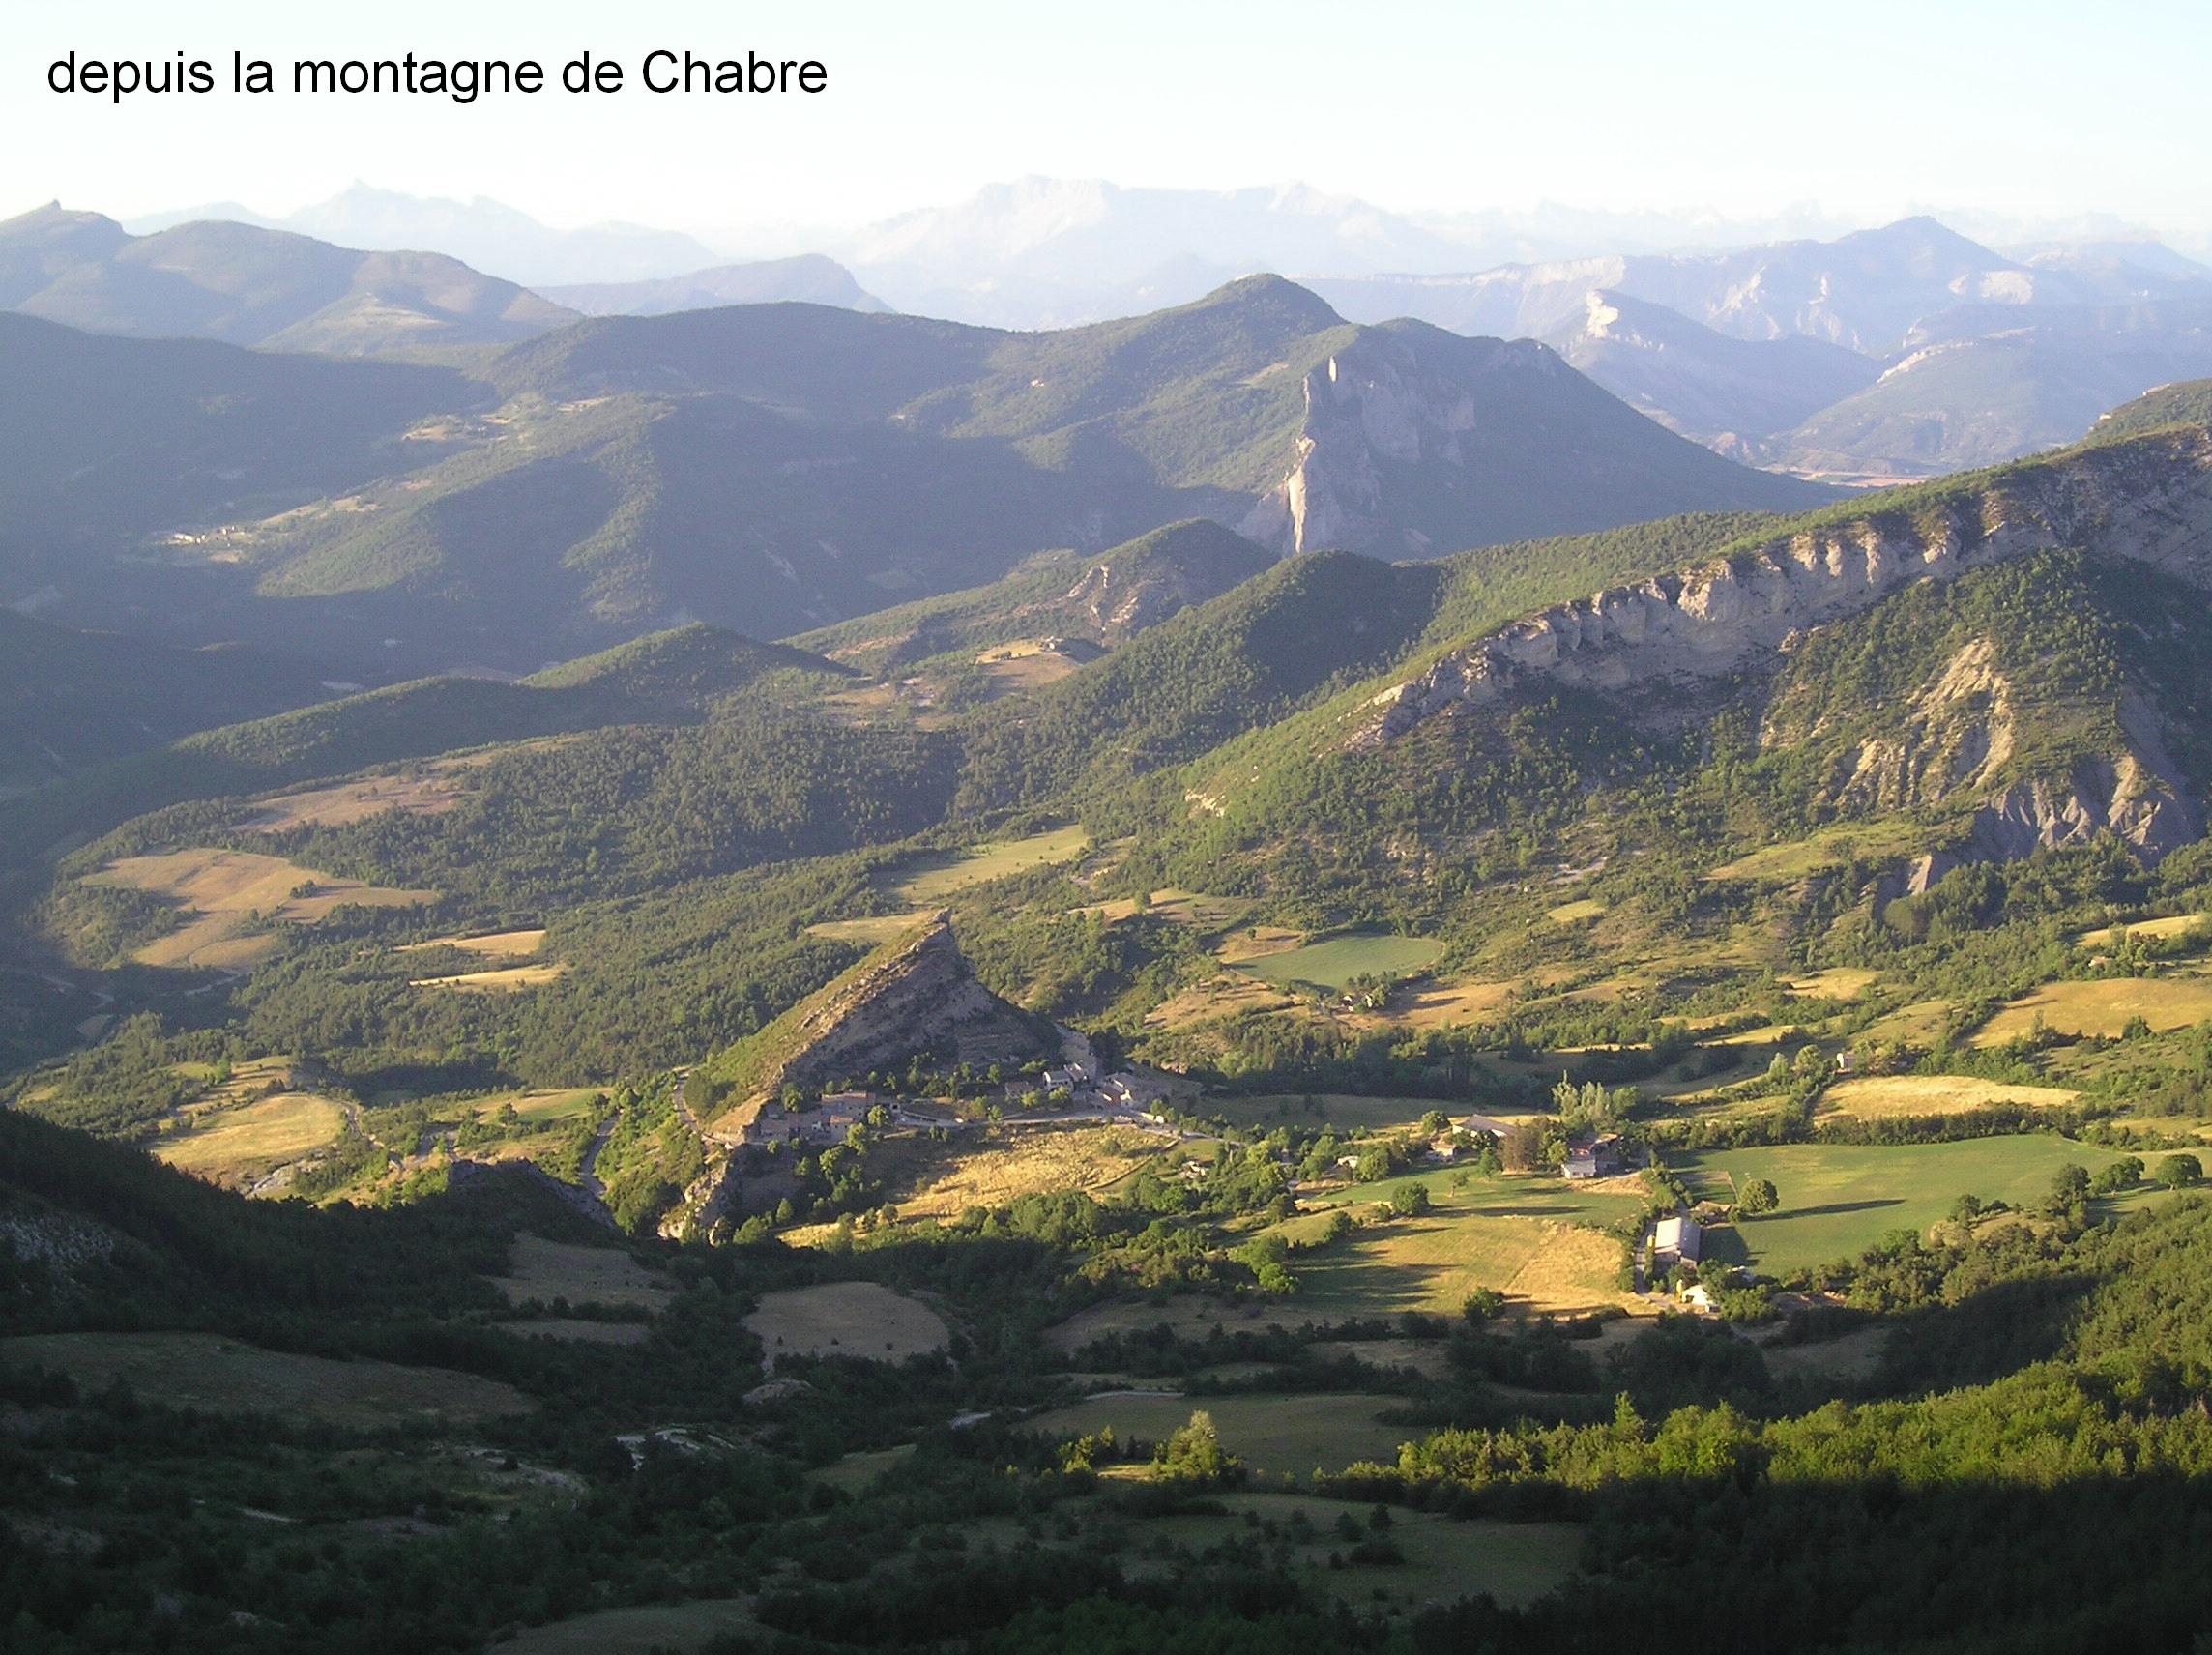 1-site-du-village-depuis-la-crete-de-chabre